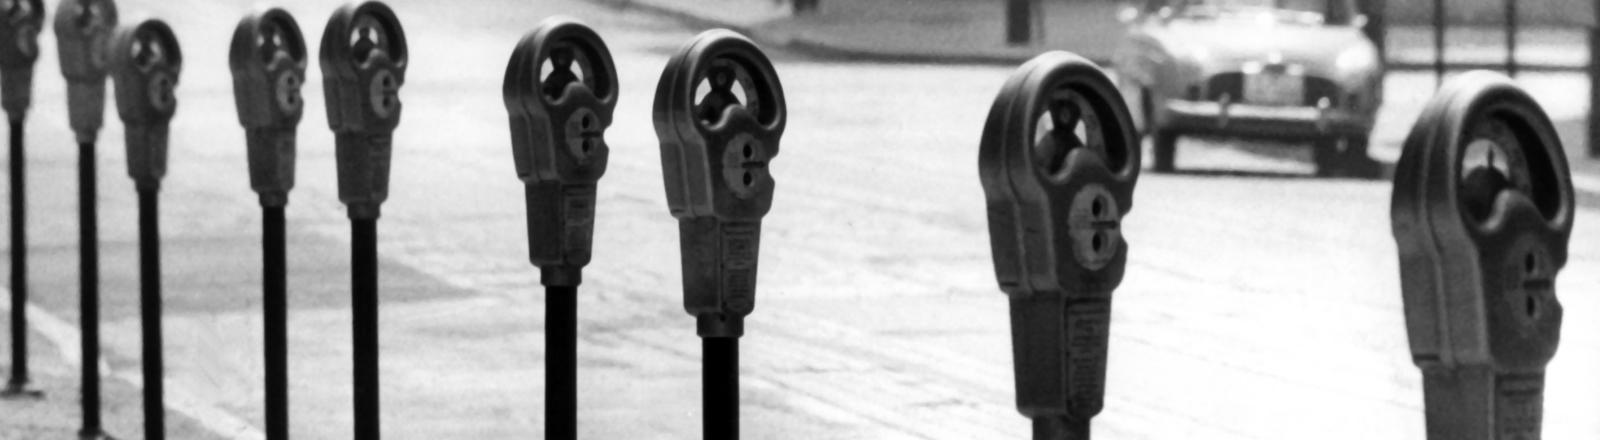 Parkographen in der Frankfurter Innenstadt 1963